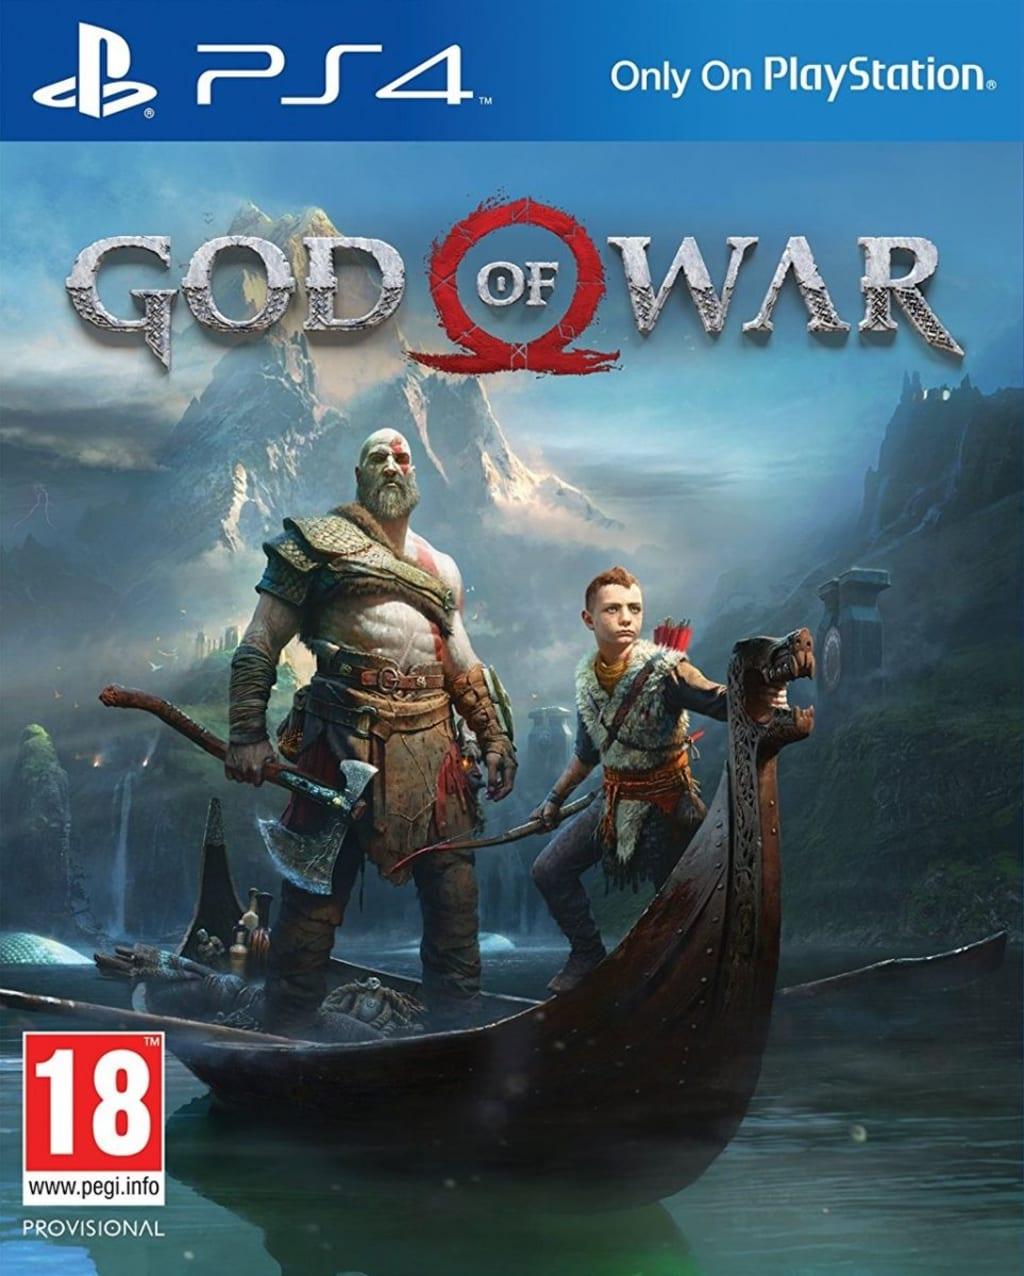 'God of War' - Game